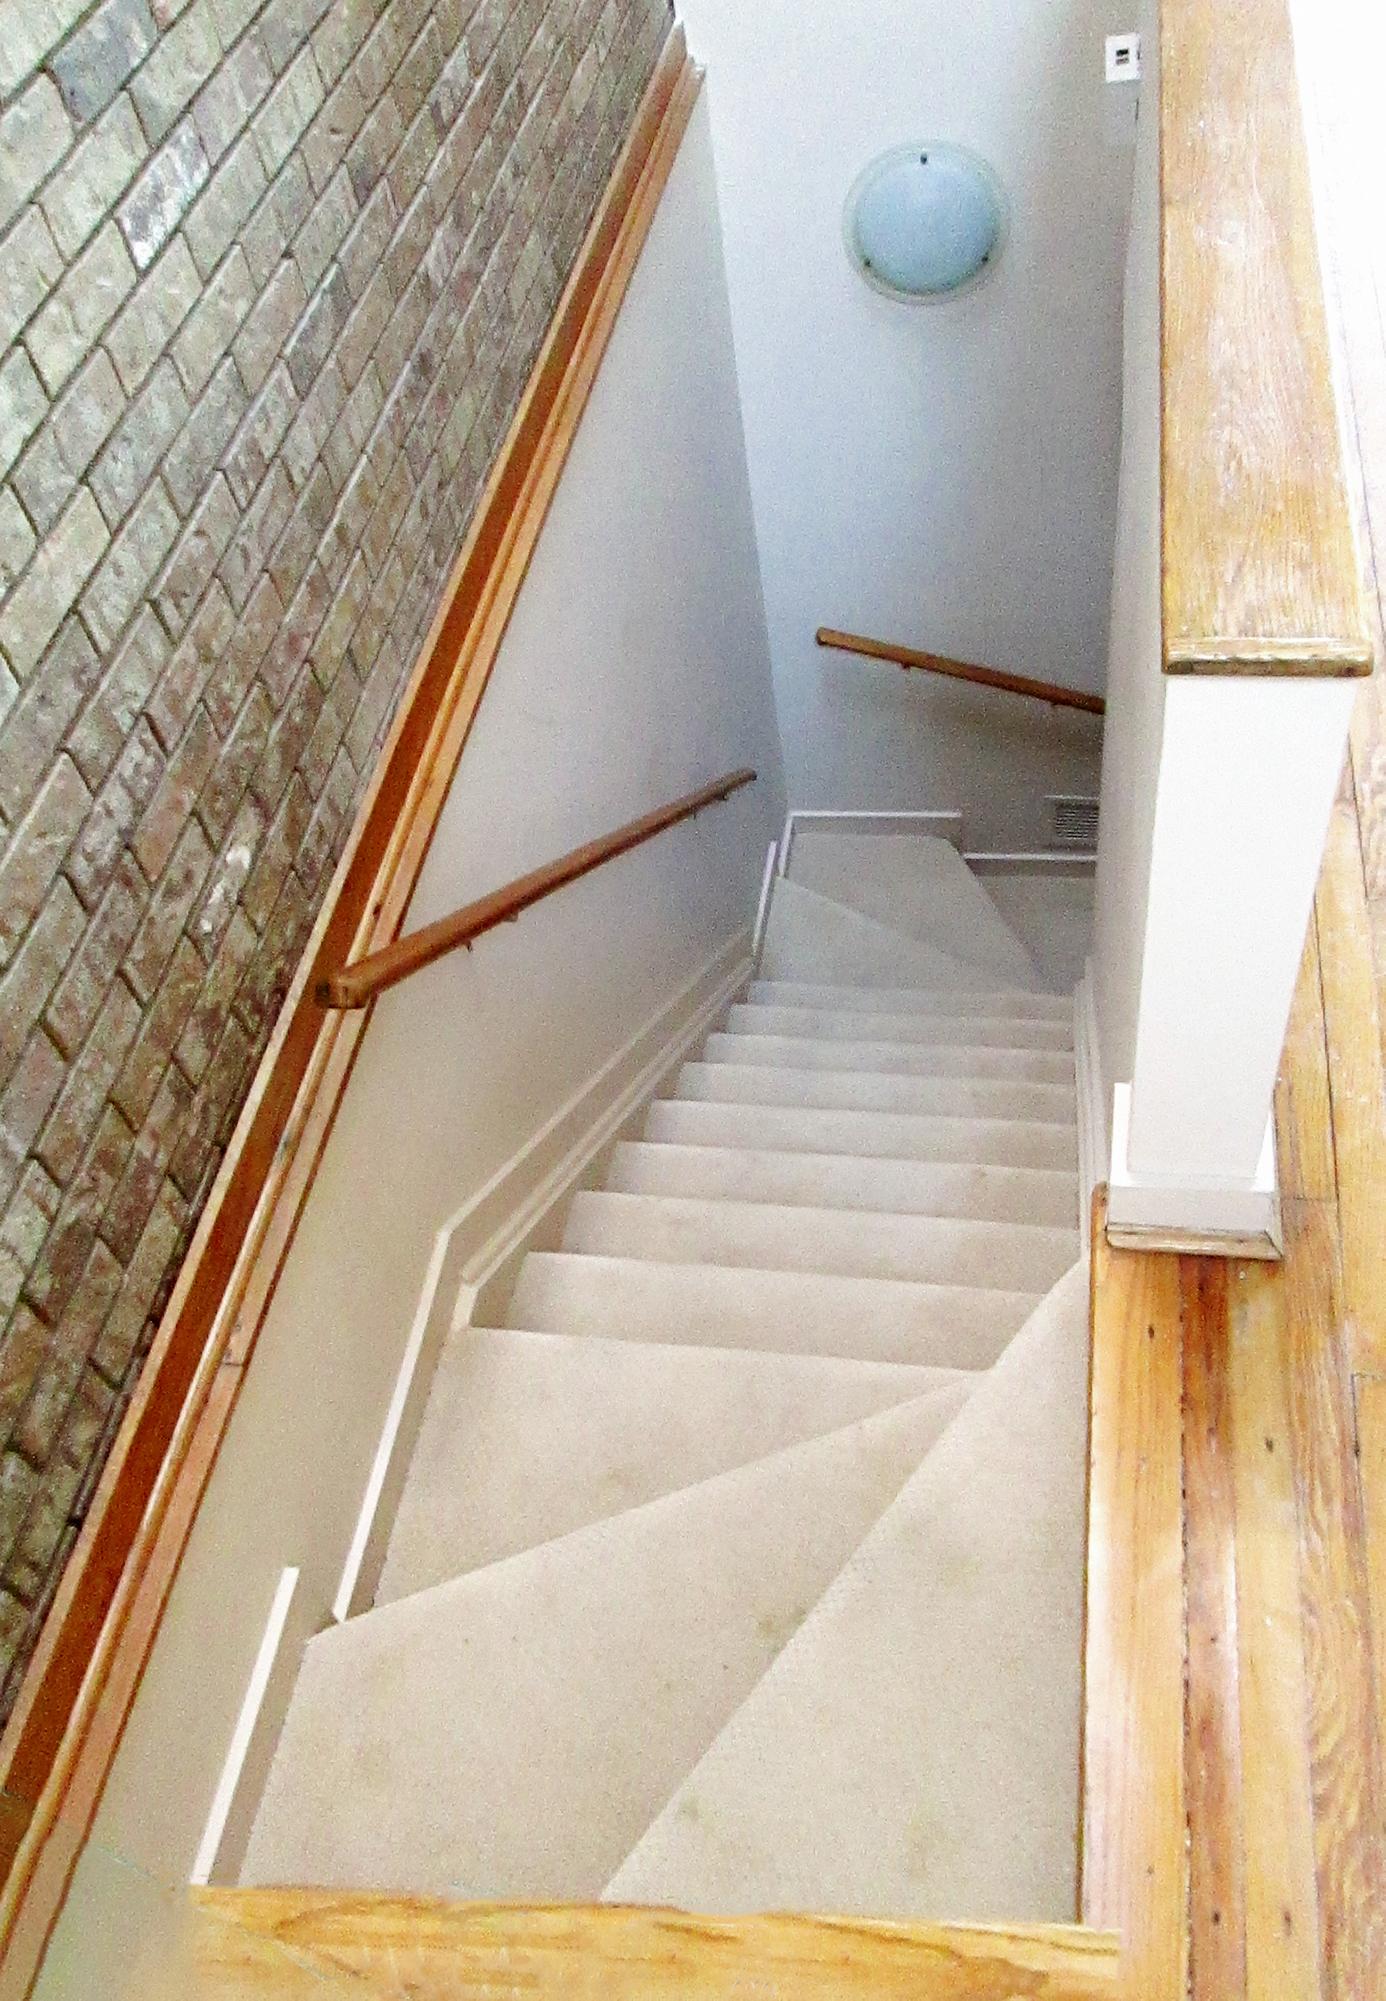 Mt. Adams condo staircase